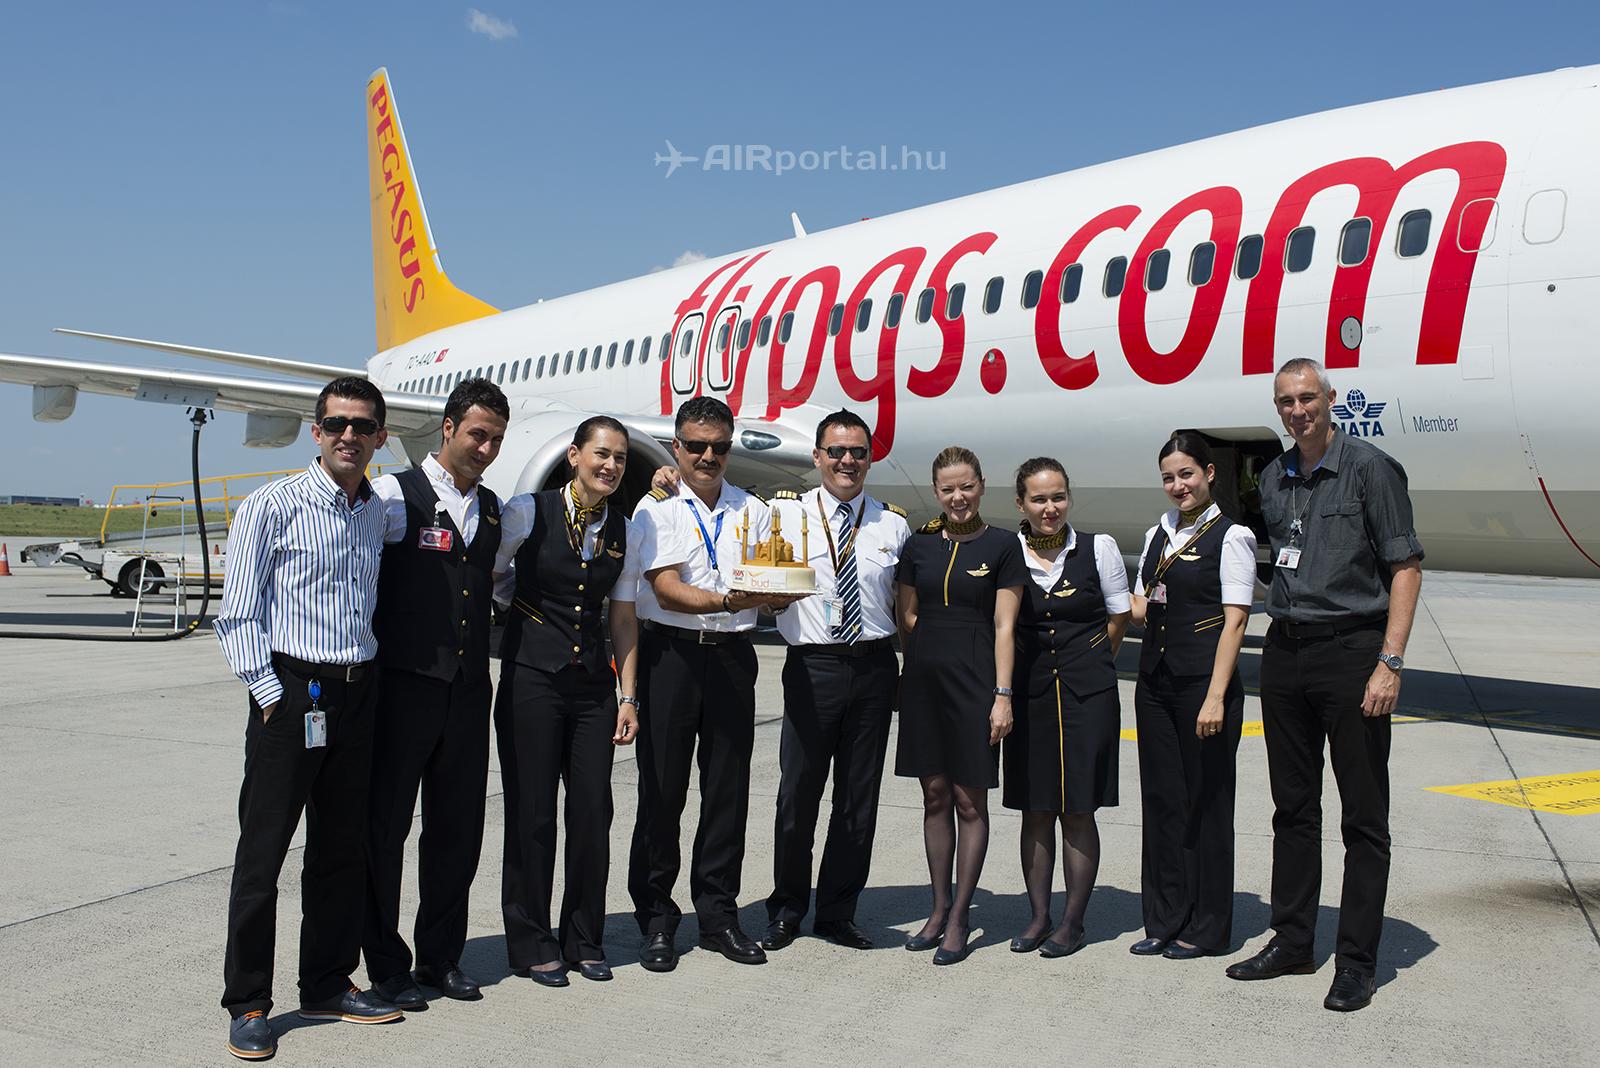 Sebestyén Tamás Ferihegyen a Pegasus Airlines első Isztambul-Budapest-Isztambul járatának ünnepélyes fogadásakor. (Fotó: AIRportal.hu)   © AIRportal.hu